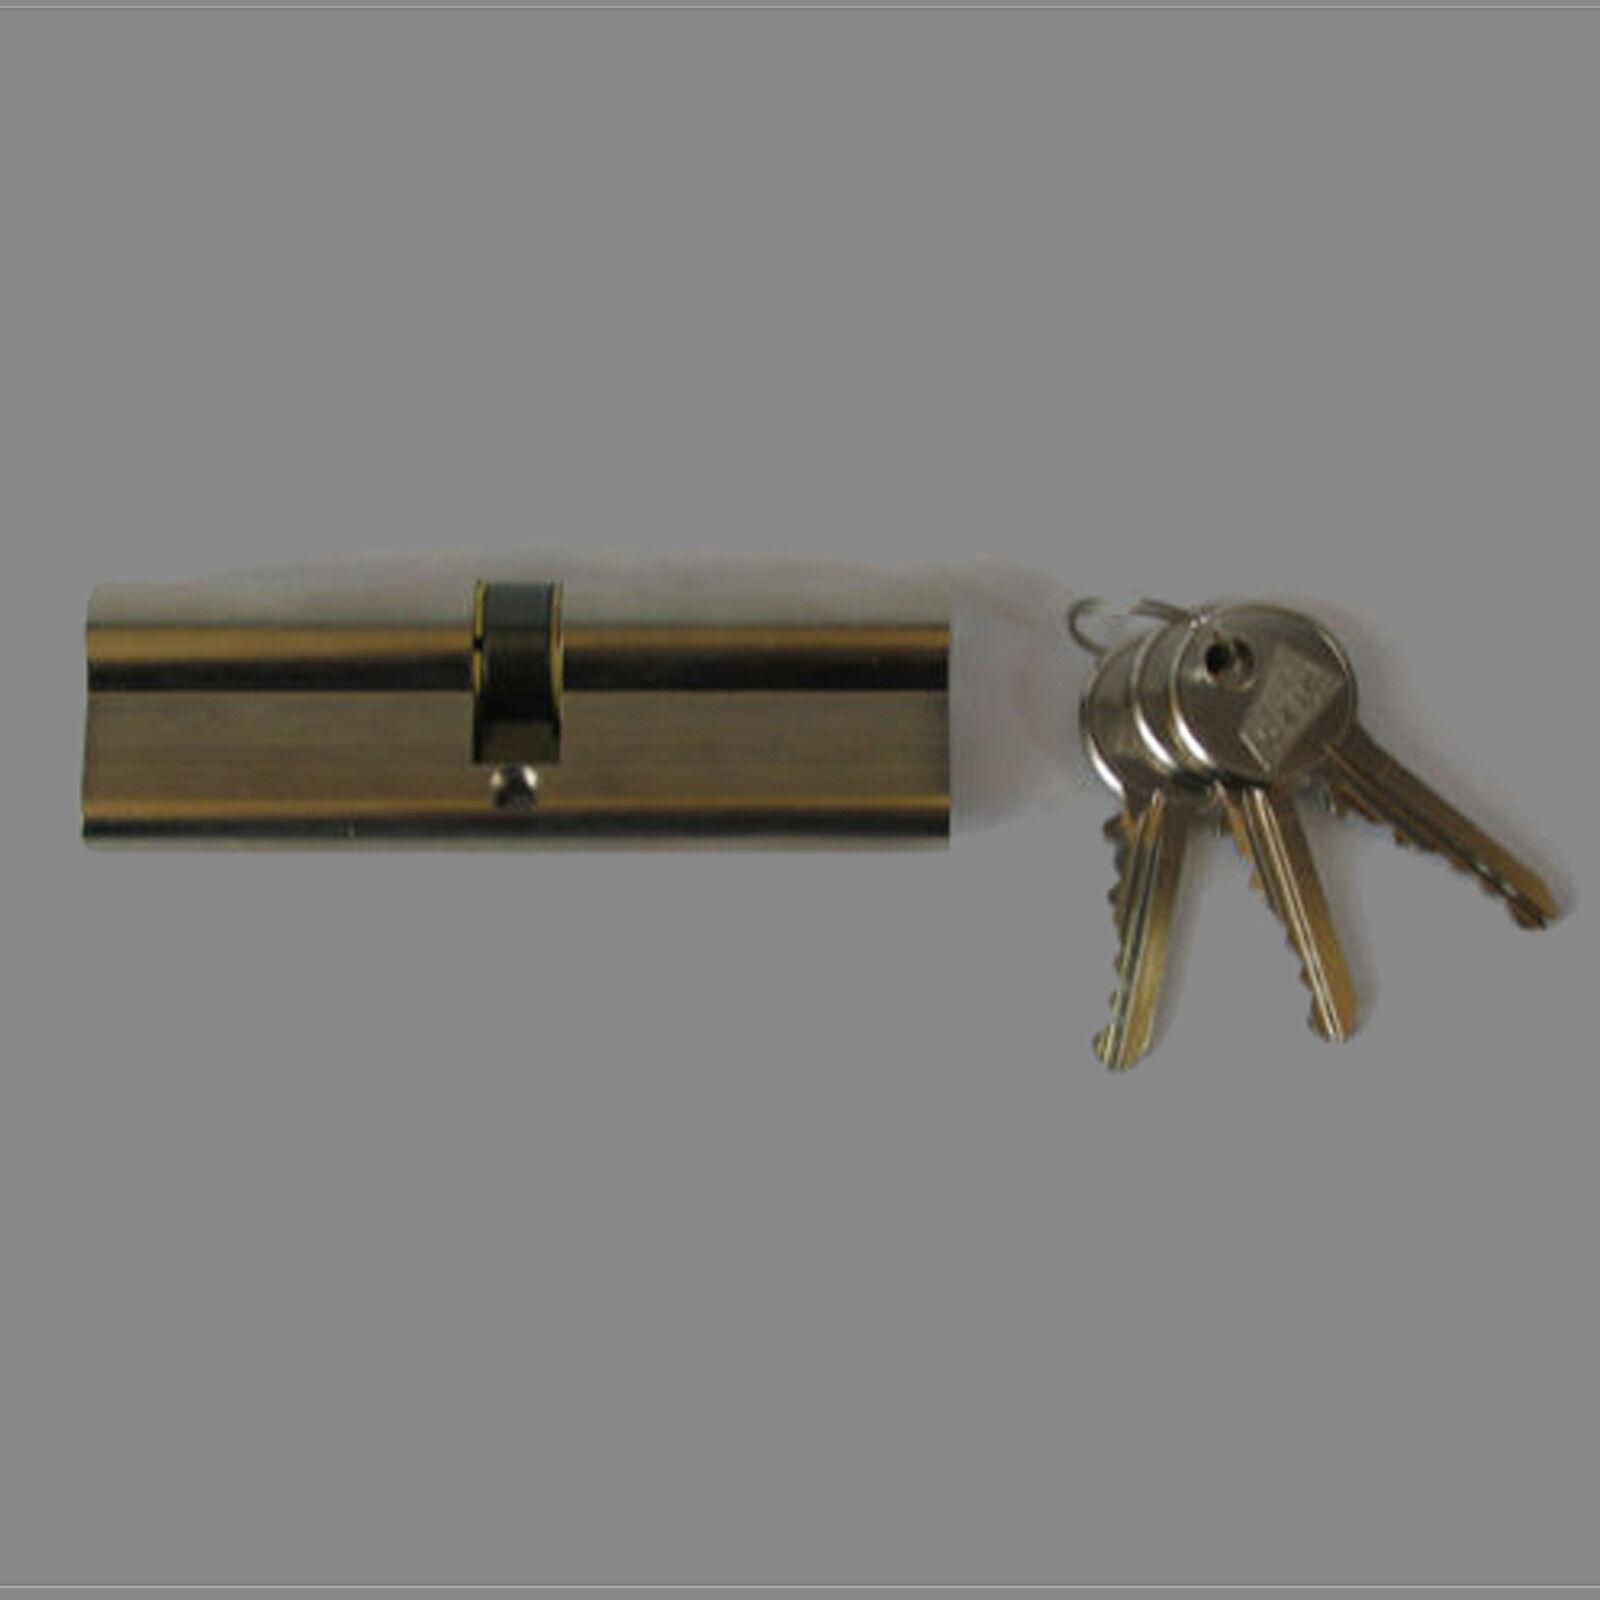 Profilzylinder türzylinder zylinder 70X70 140 140 140 länge  | Sale Outlet  | Gewinnen Sie das Lob der Kunden  | Ästhetisches Aussehen  | Shopping Online  eee4cf